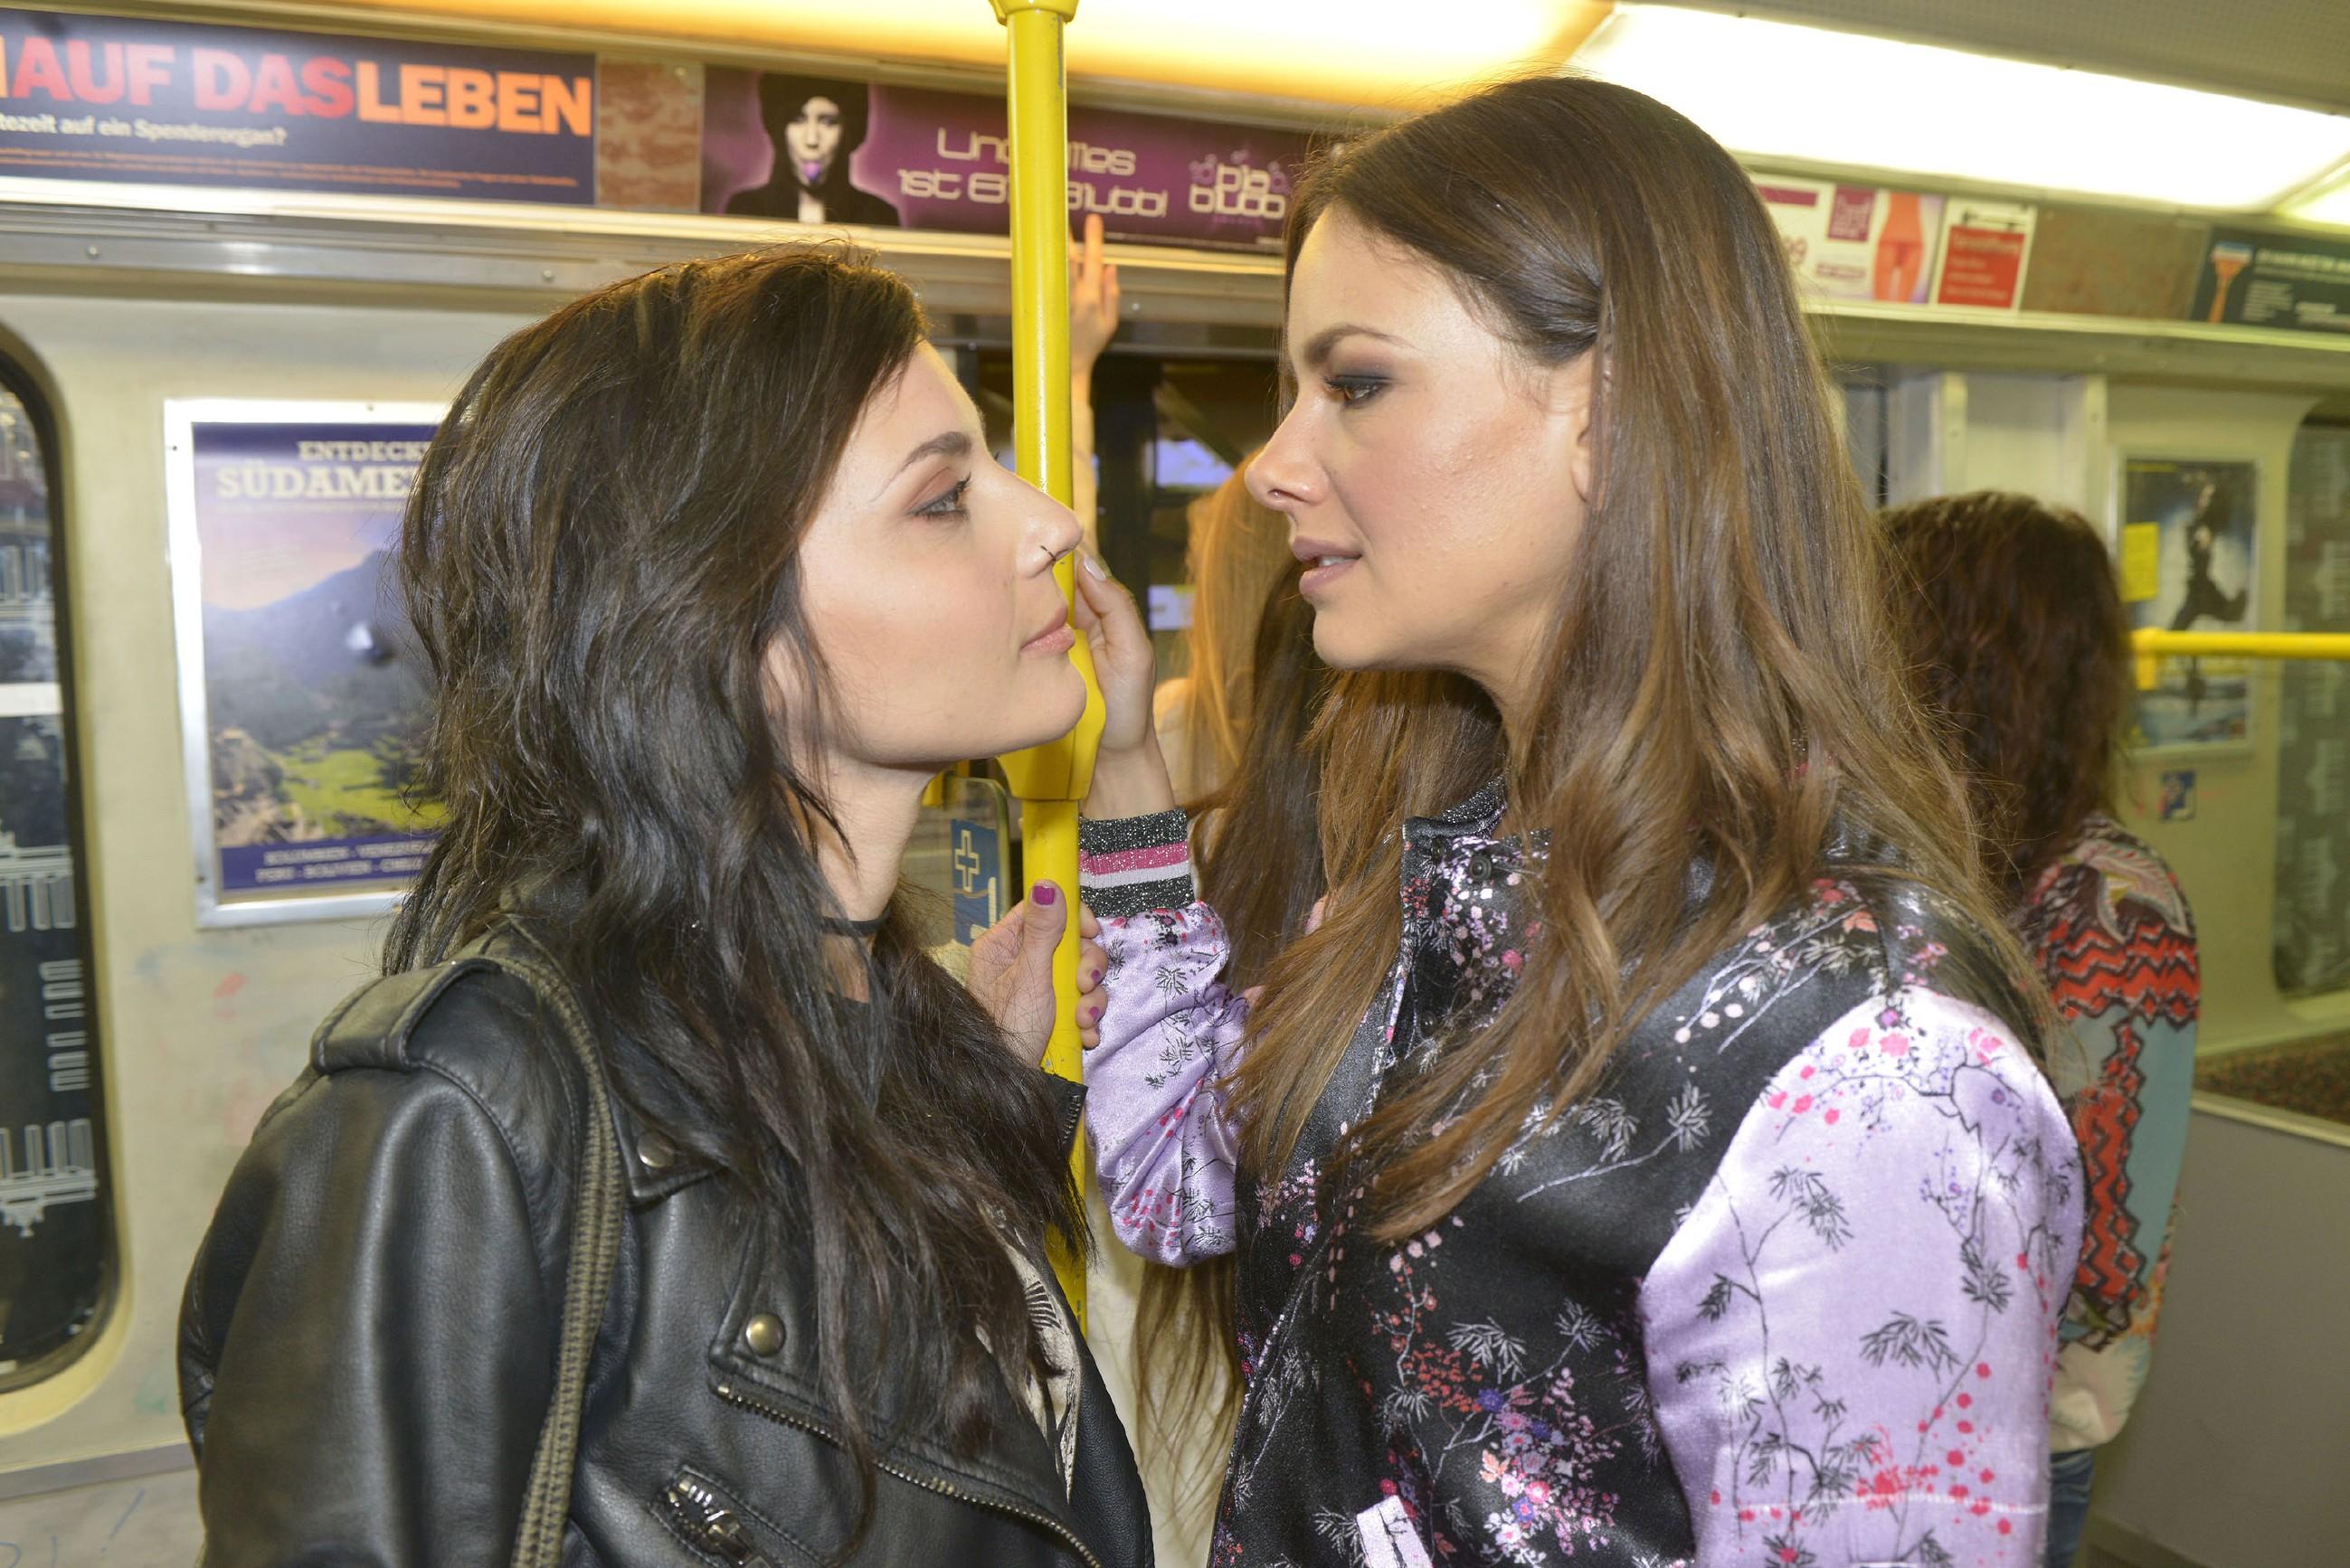 Anni (Linda Marlen Runge, l.) forciert die erotische Spannung zwischen ihr und Jasmin (Janina Uhse). (Quelle: RTL / Rolf Baumgartner)